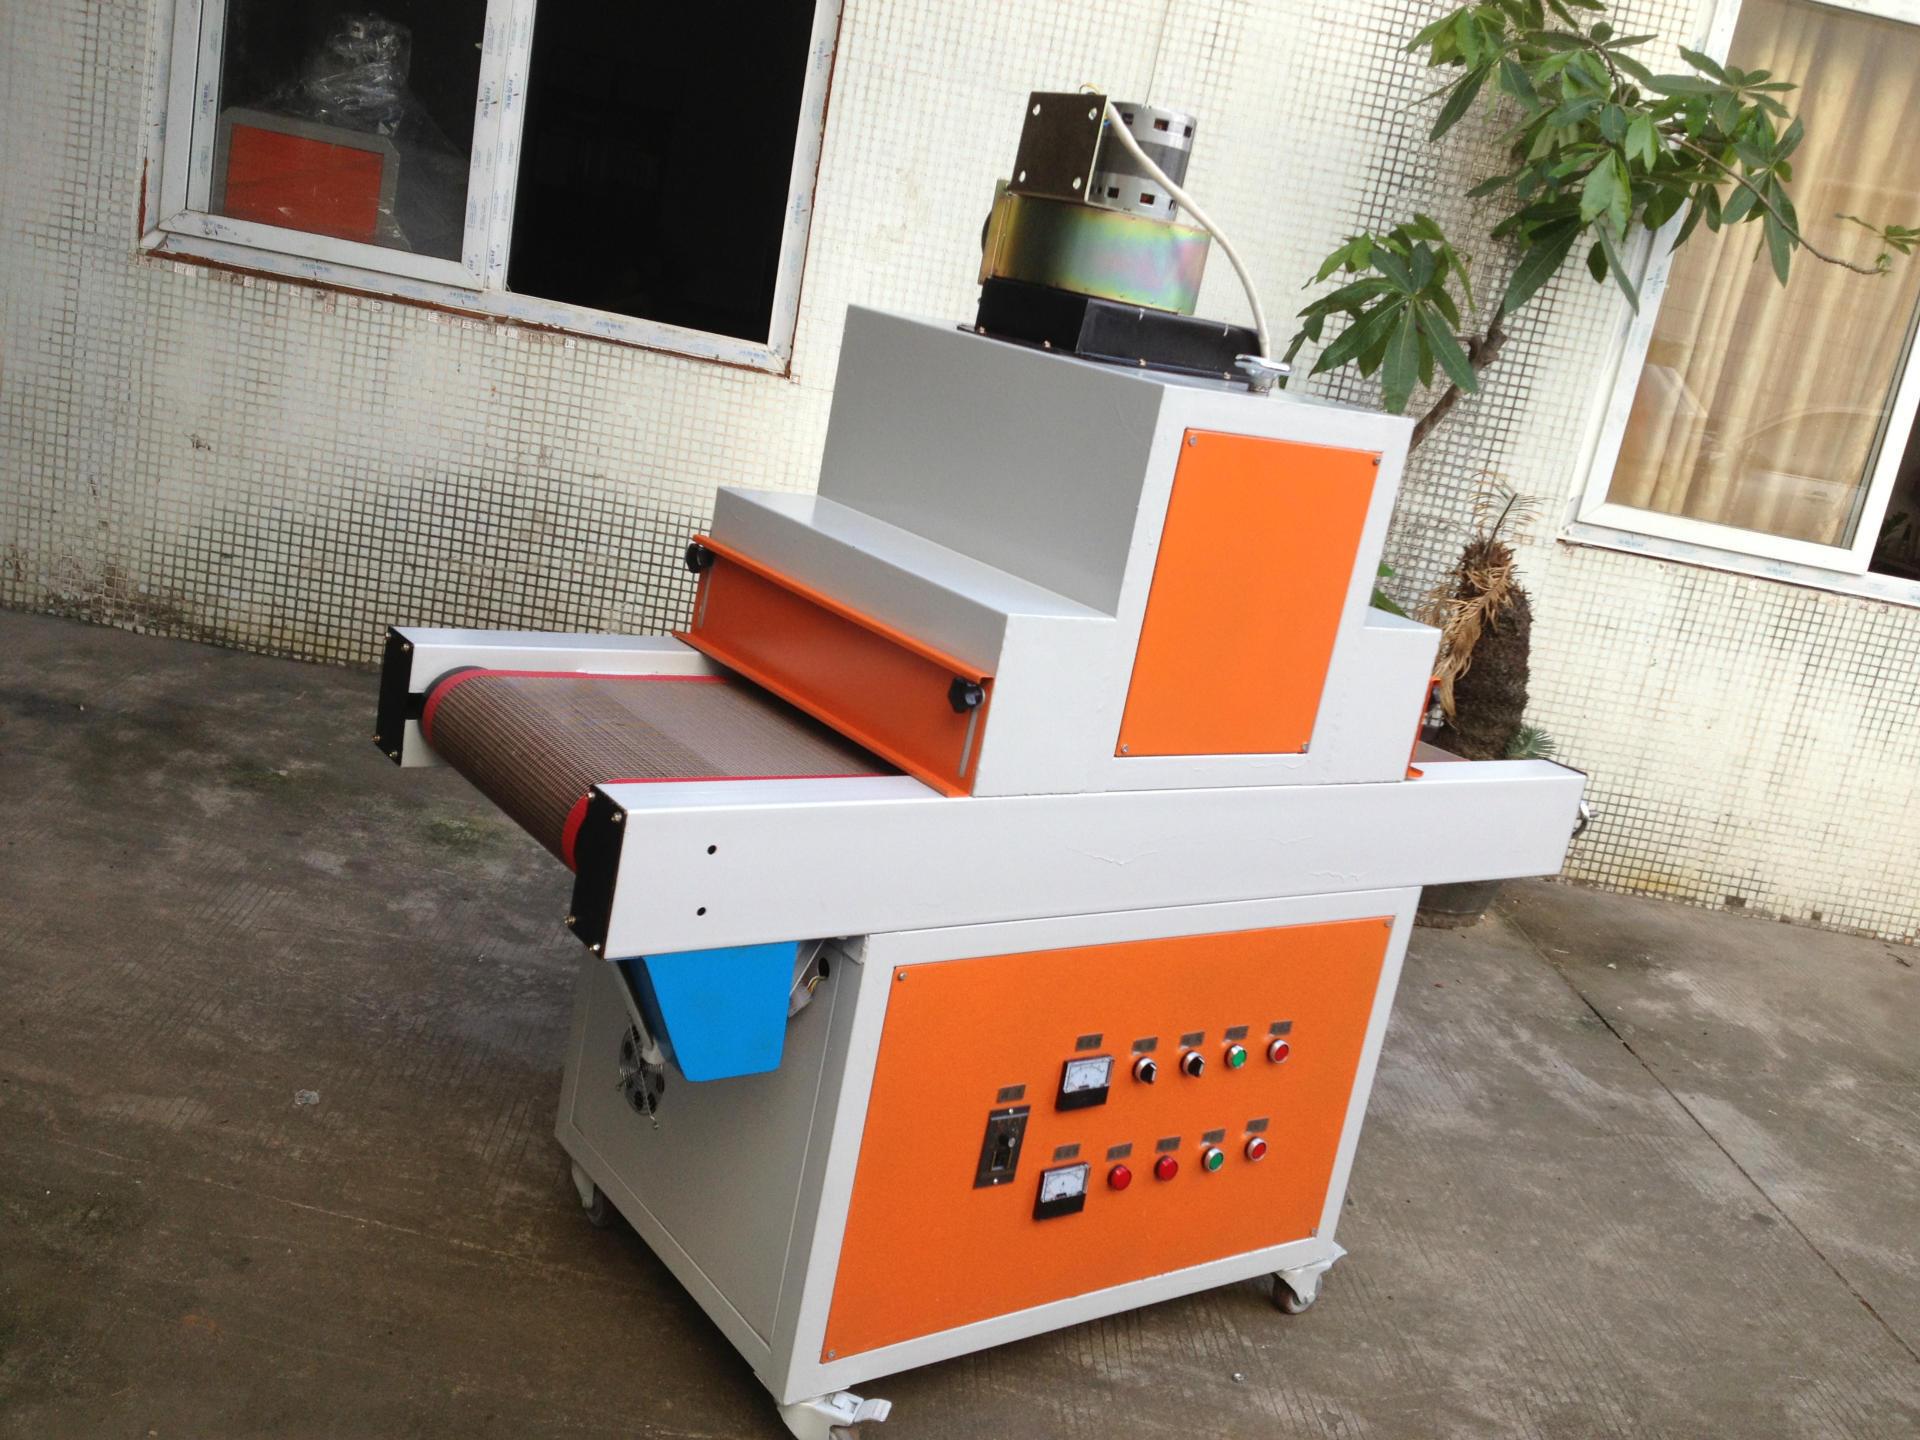 供应油墨固化机_供应油墨固化机、uv光固机、手机、uv胶水固化uv机